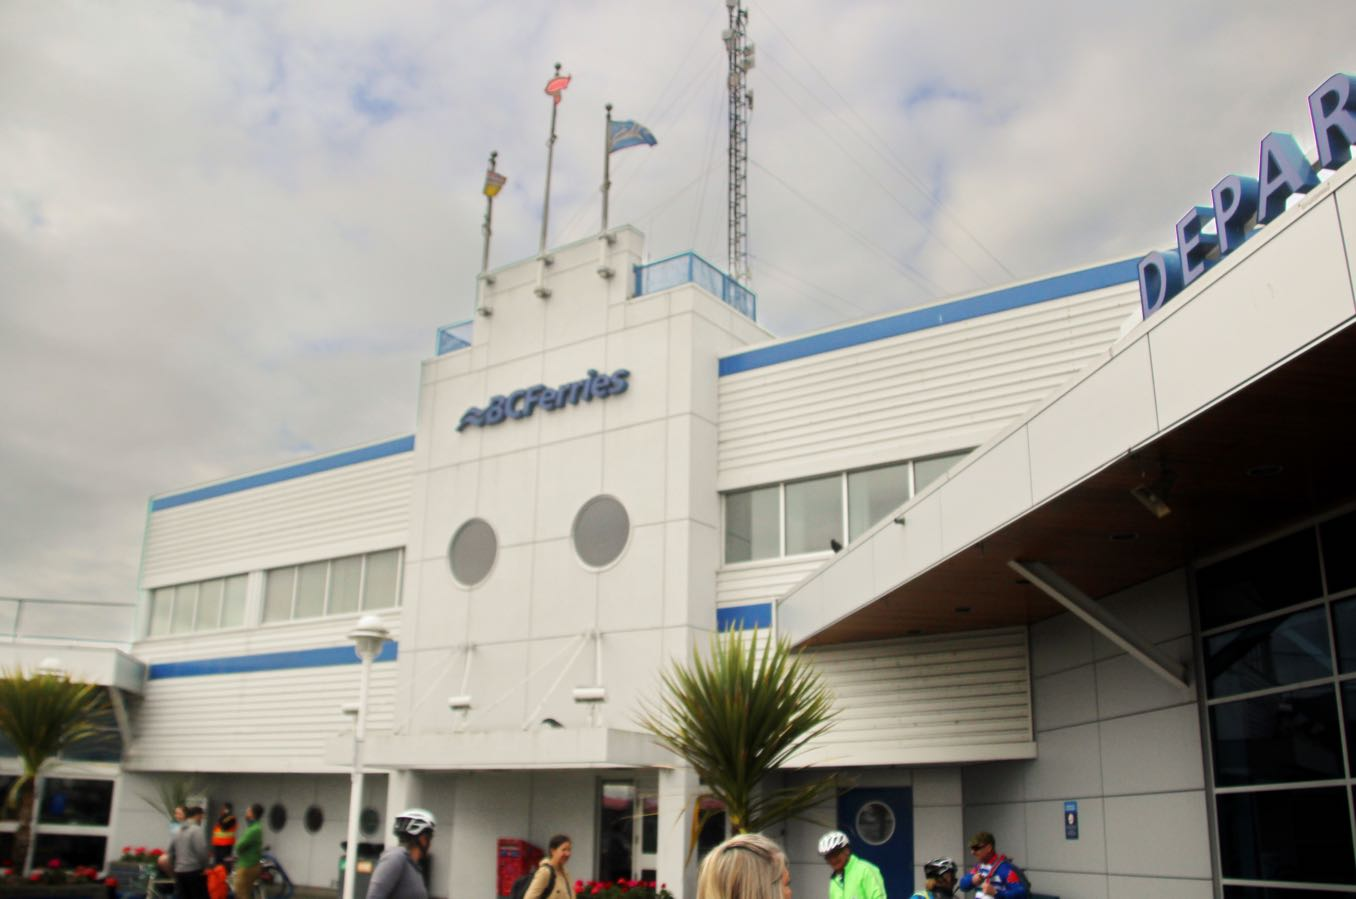 バンクーバー側の港「Tsawwassen Terminal(ツワッセン・ターミナル)」の外観